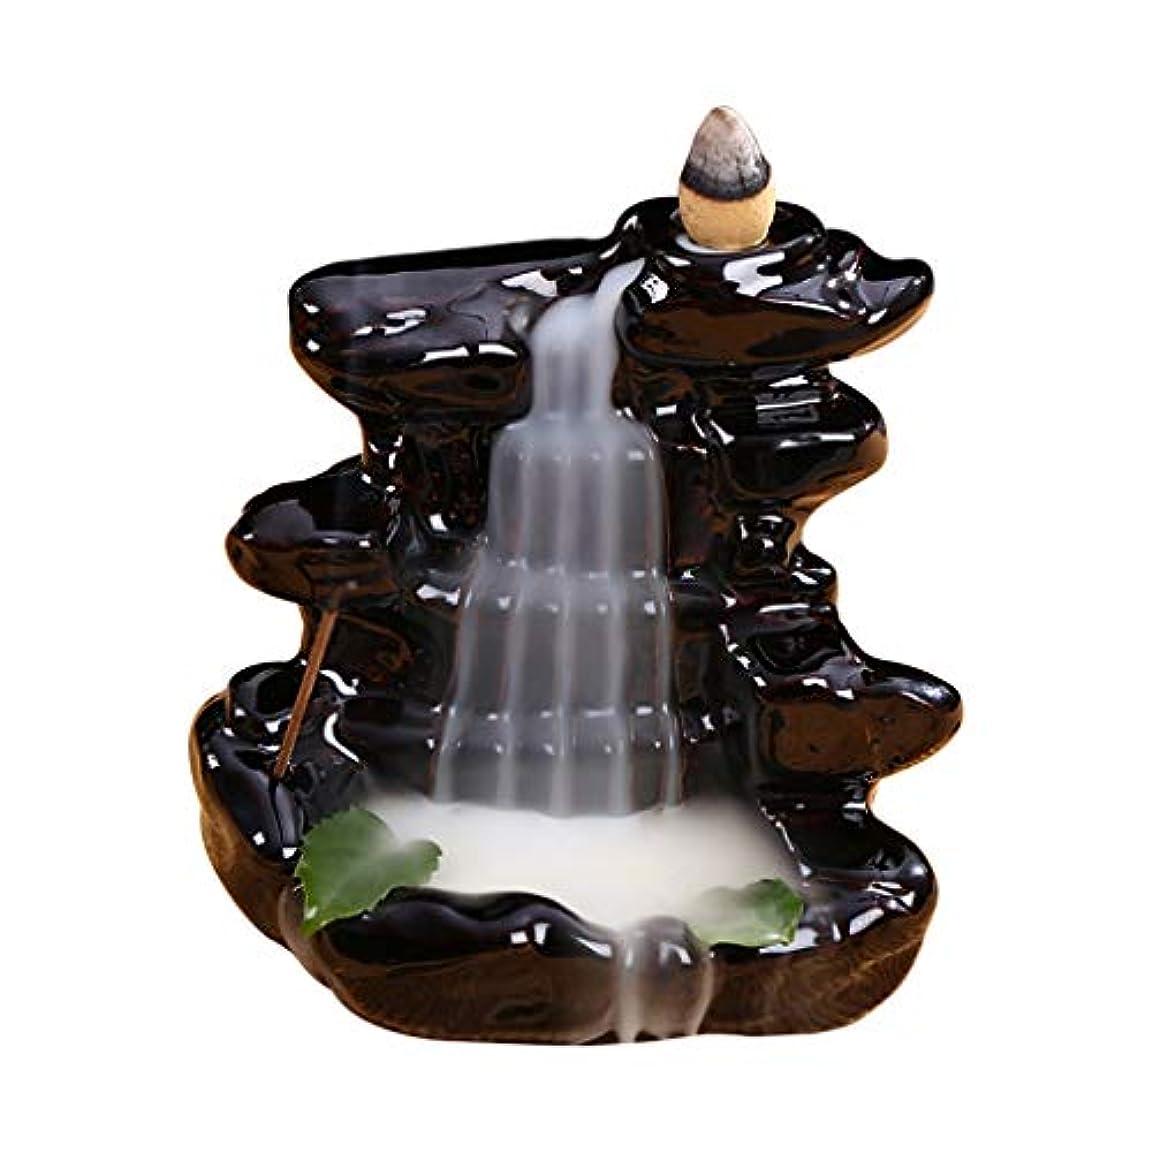 政治家のそこ損失クリエイティブ家の装飾逆流スティック香バーナーセラミック香炉家の装飾使用家茶屋滝香ホルダー (Color : Black, サイズ : 4.33*4.44 inches)